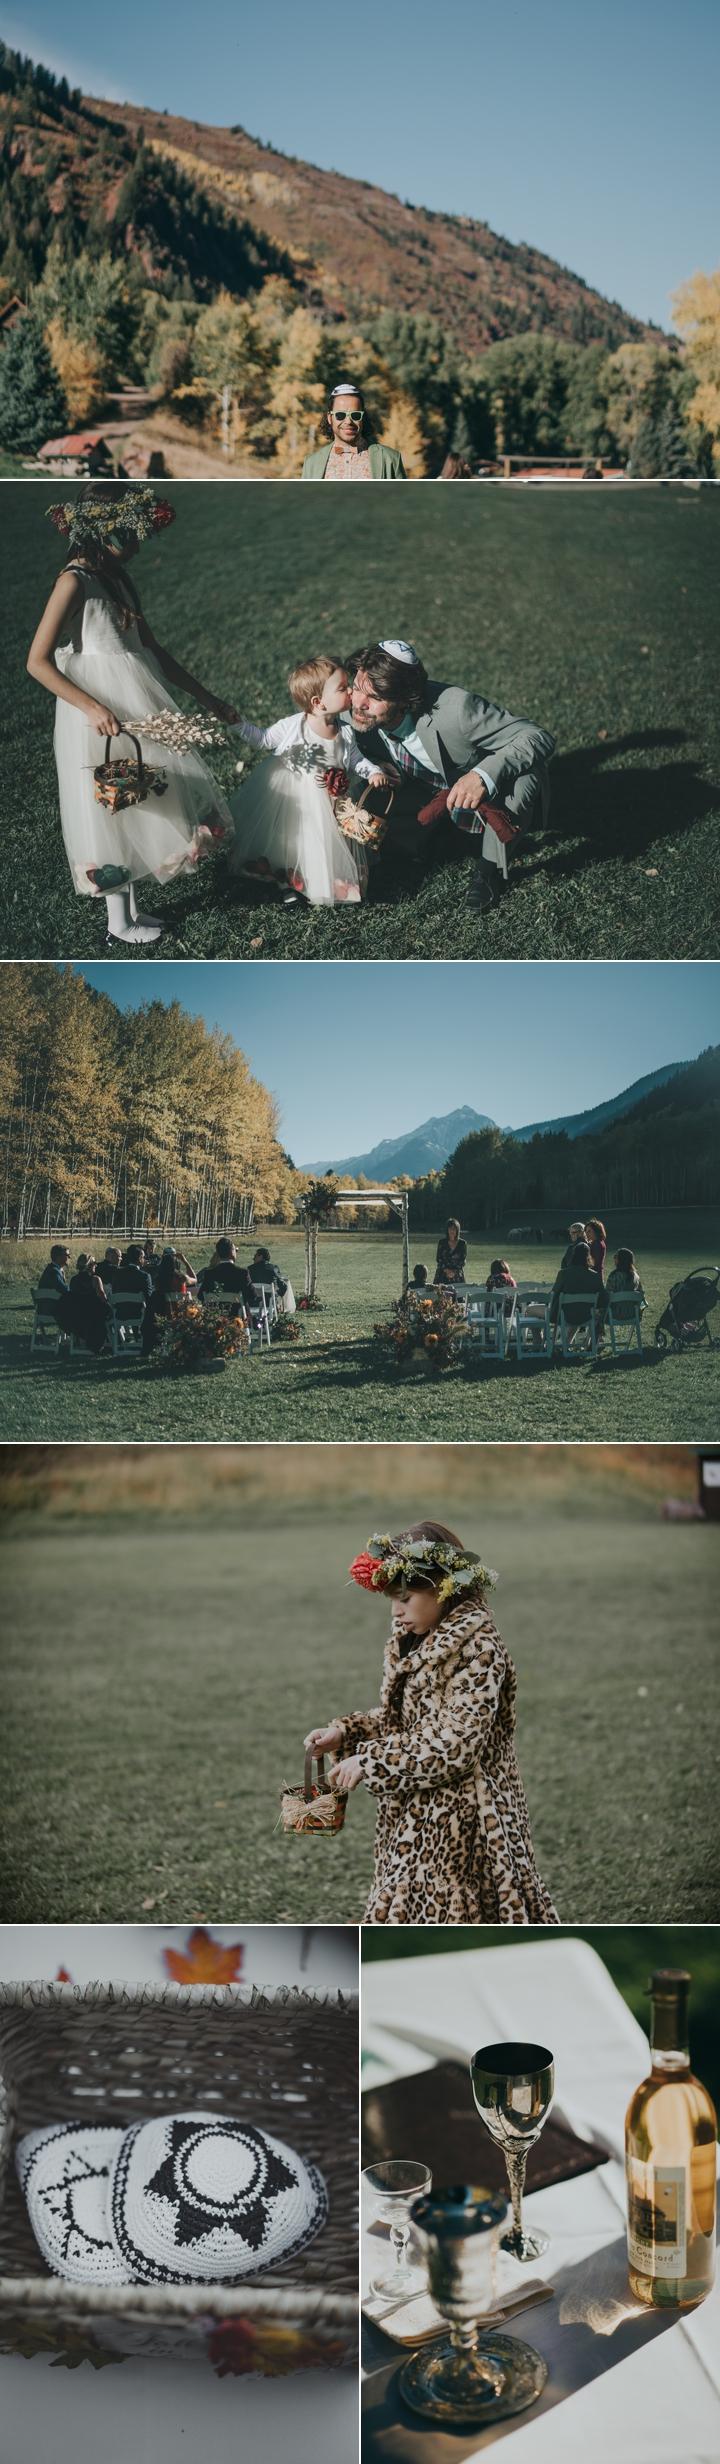 denver-aspen-wedding-photographers 12.jpg